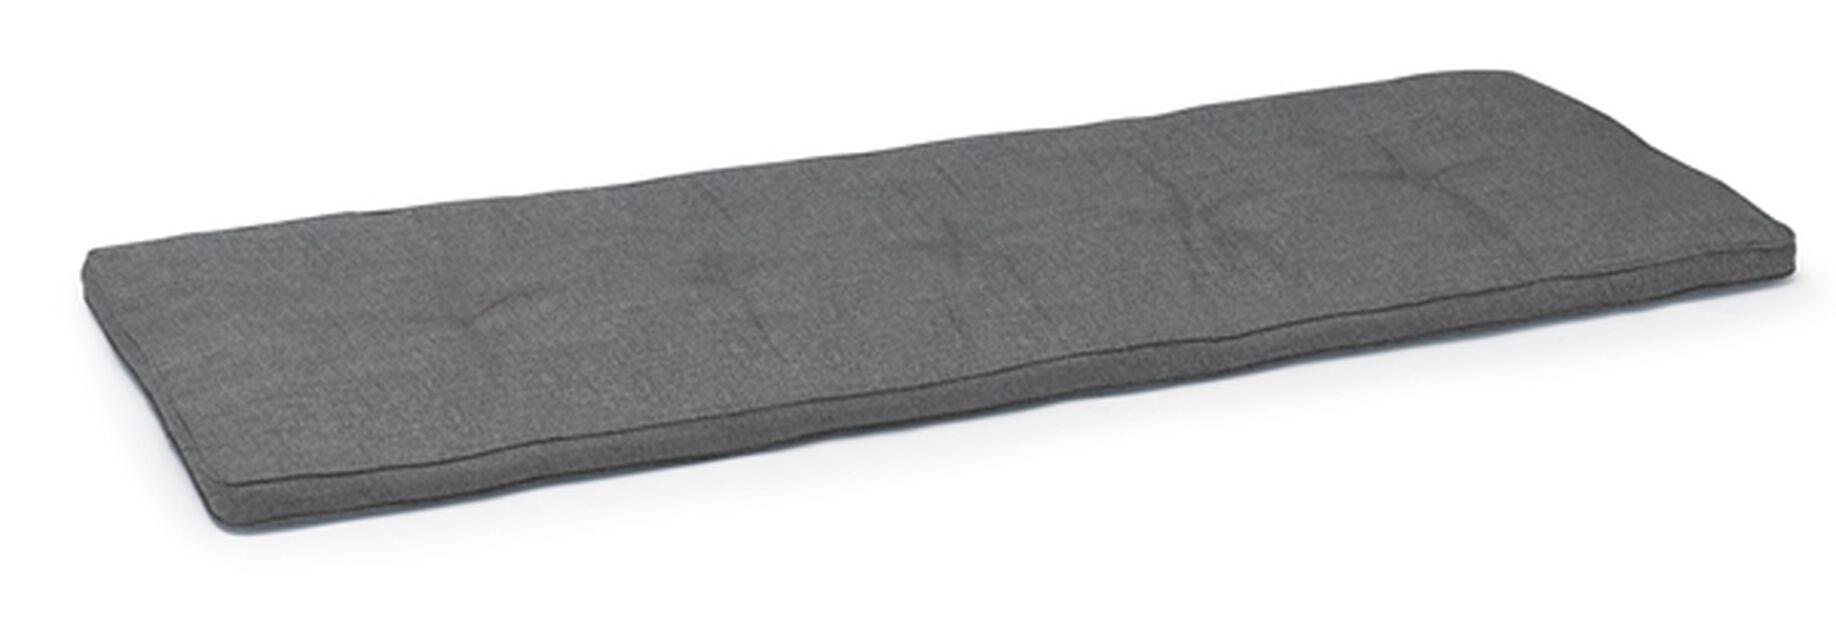 Sittdyna hammock Marsstrand, Längd 150 cm, Grå